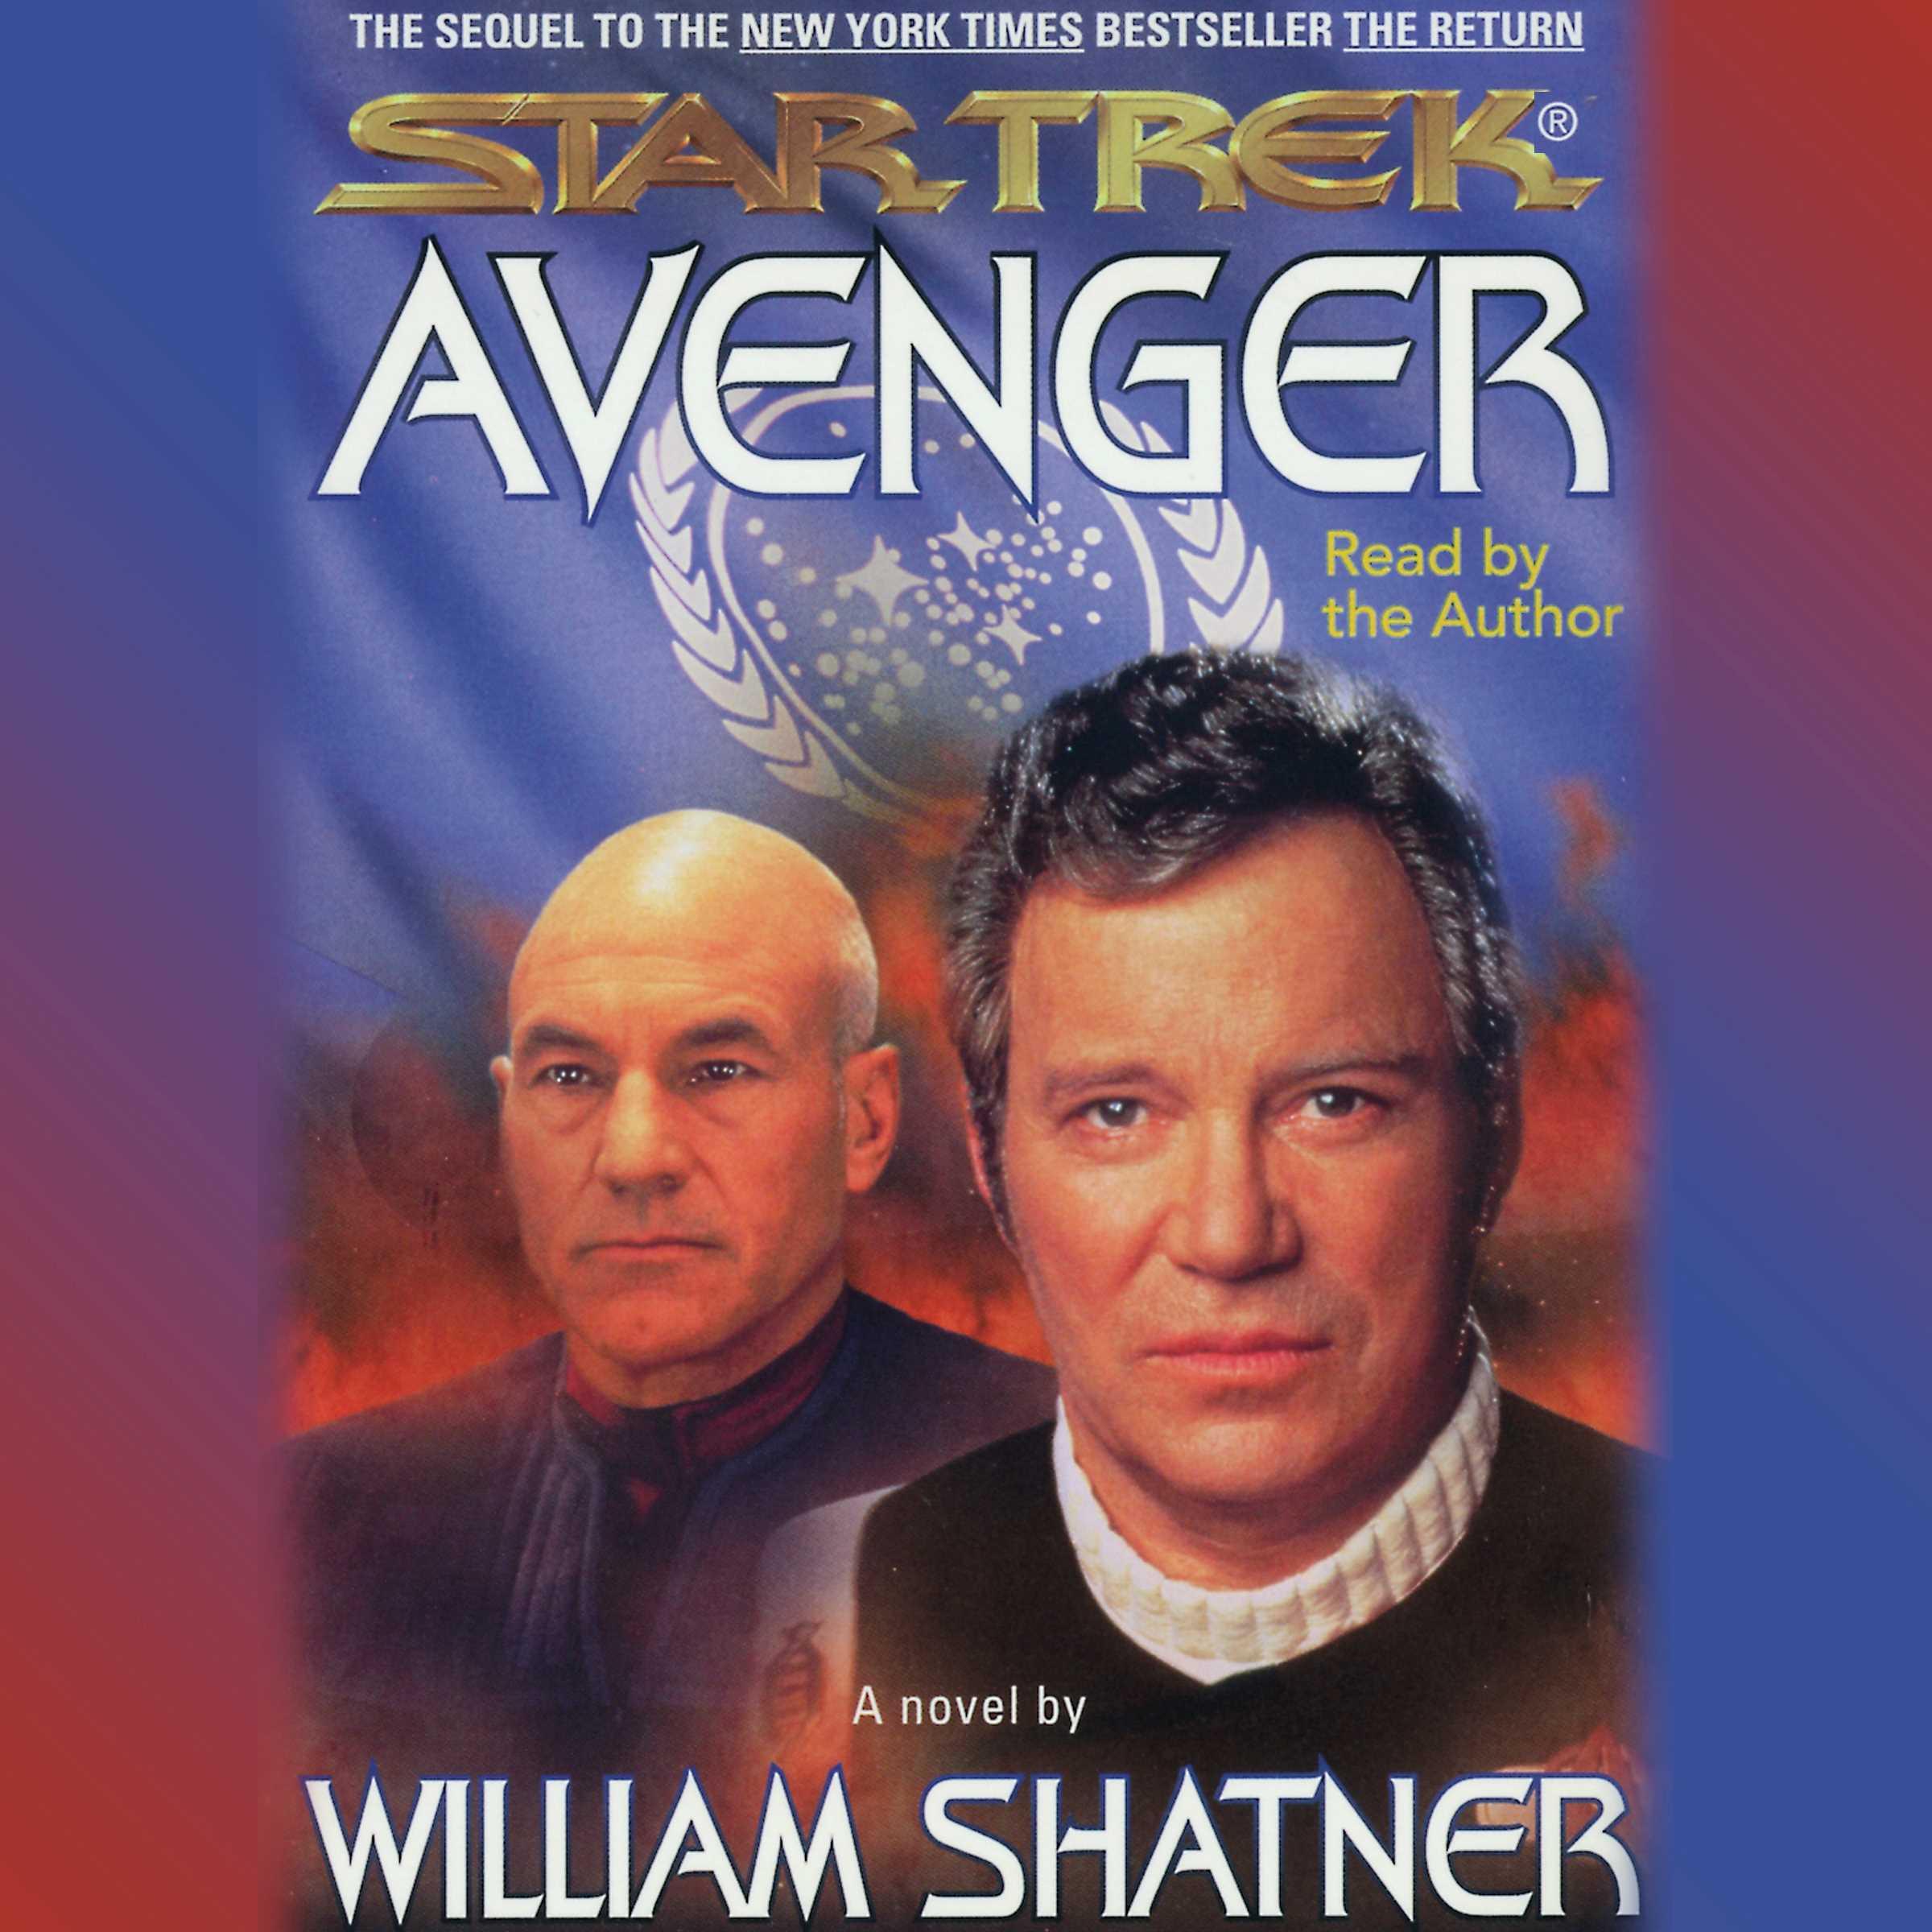 Star trek avenger 9780743546805 hr